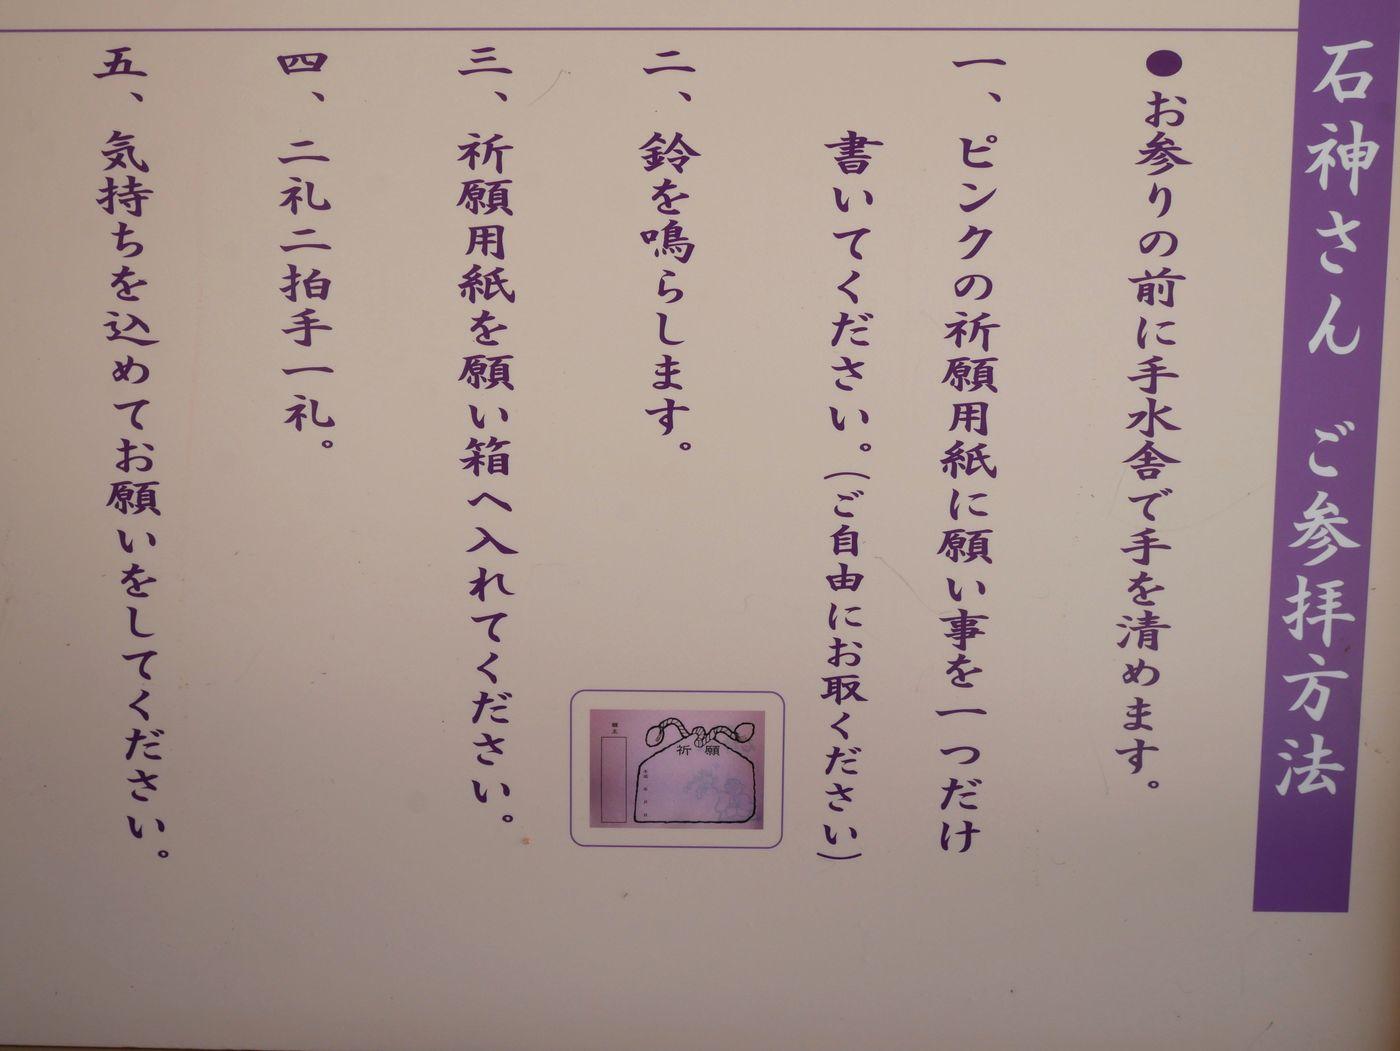 【パワースポット】女性の願いを叶えてくれる神社って知ってる?!の画像